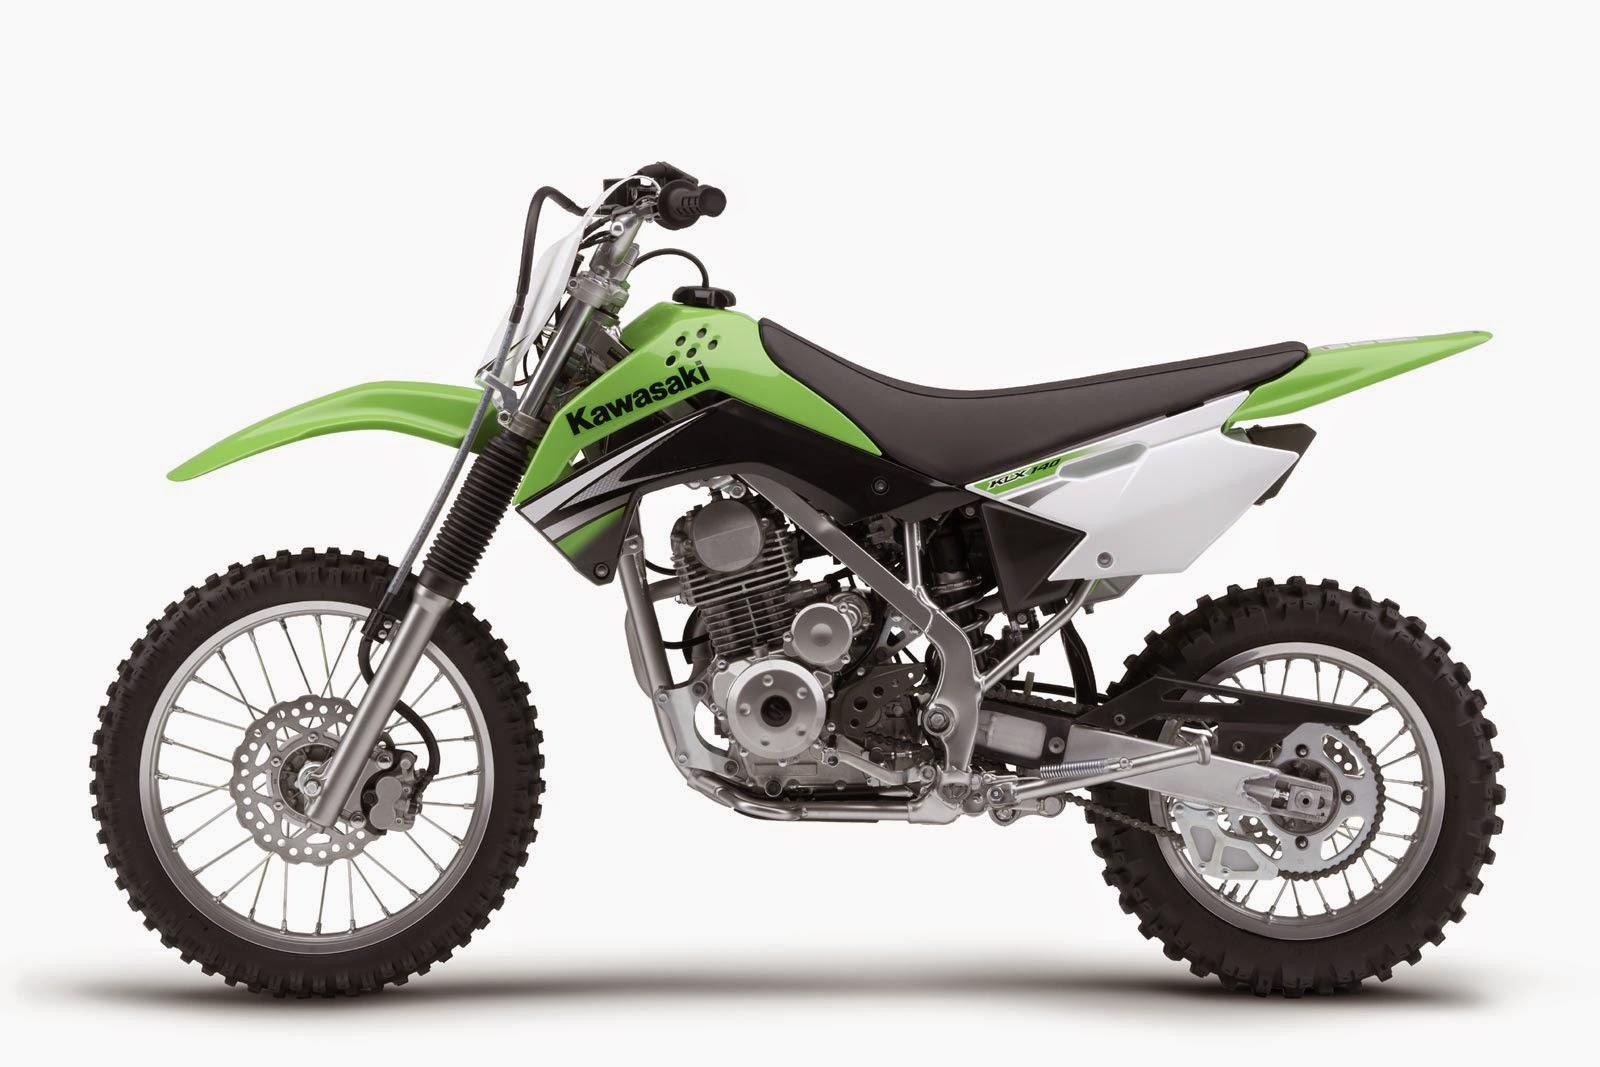 Kawasaki-Klx-150-Modifikasi-Supermoto-kawasaki-klx-150-supermoto ...